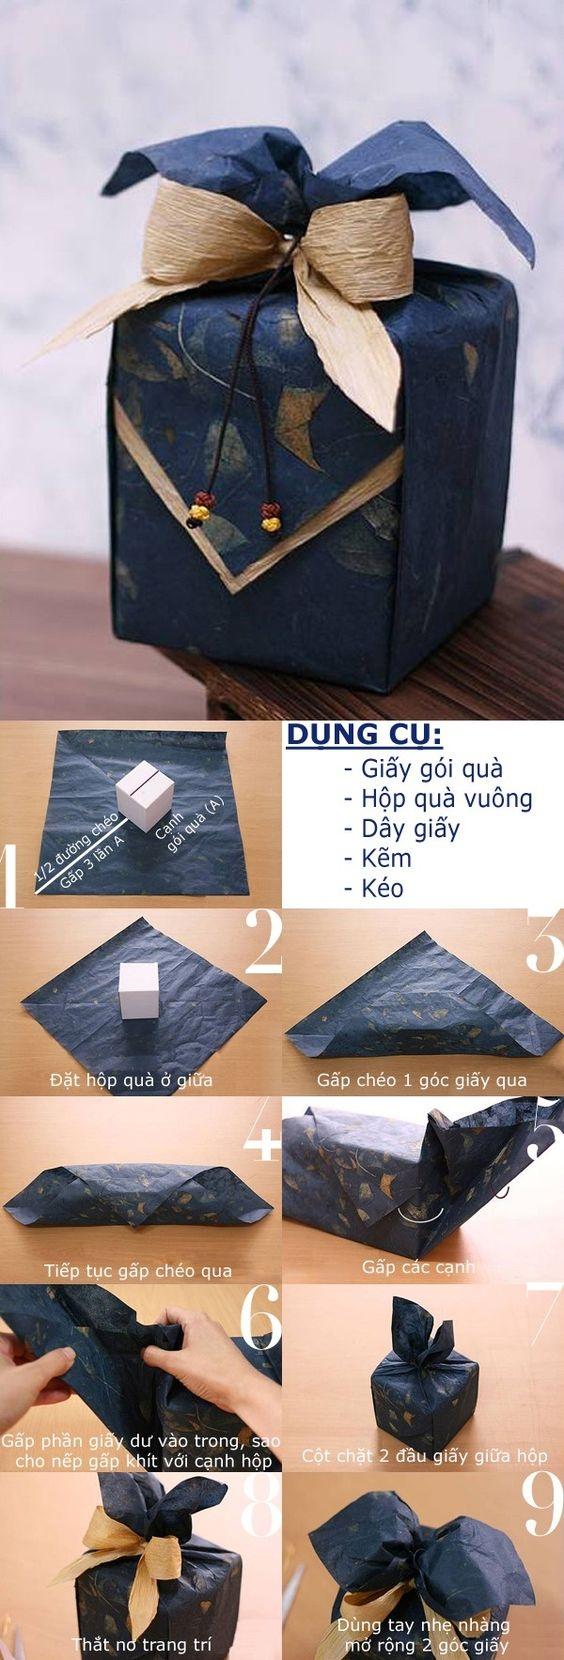 Как упаковать подарок в подарочную бумагу: в гофрированную